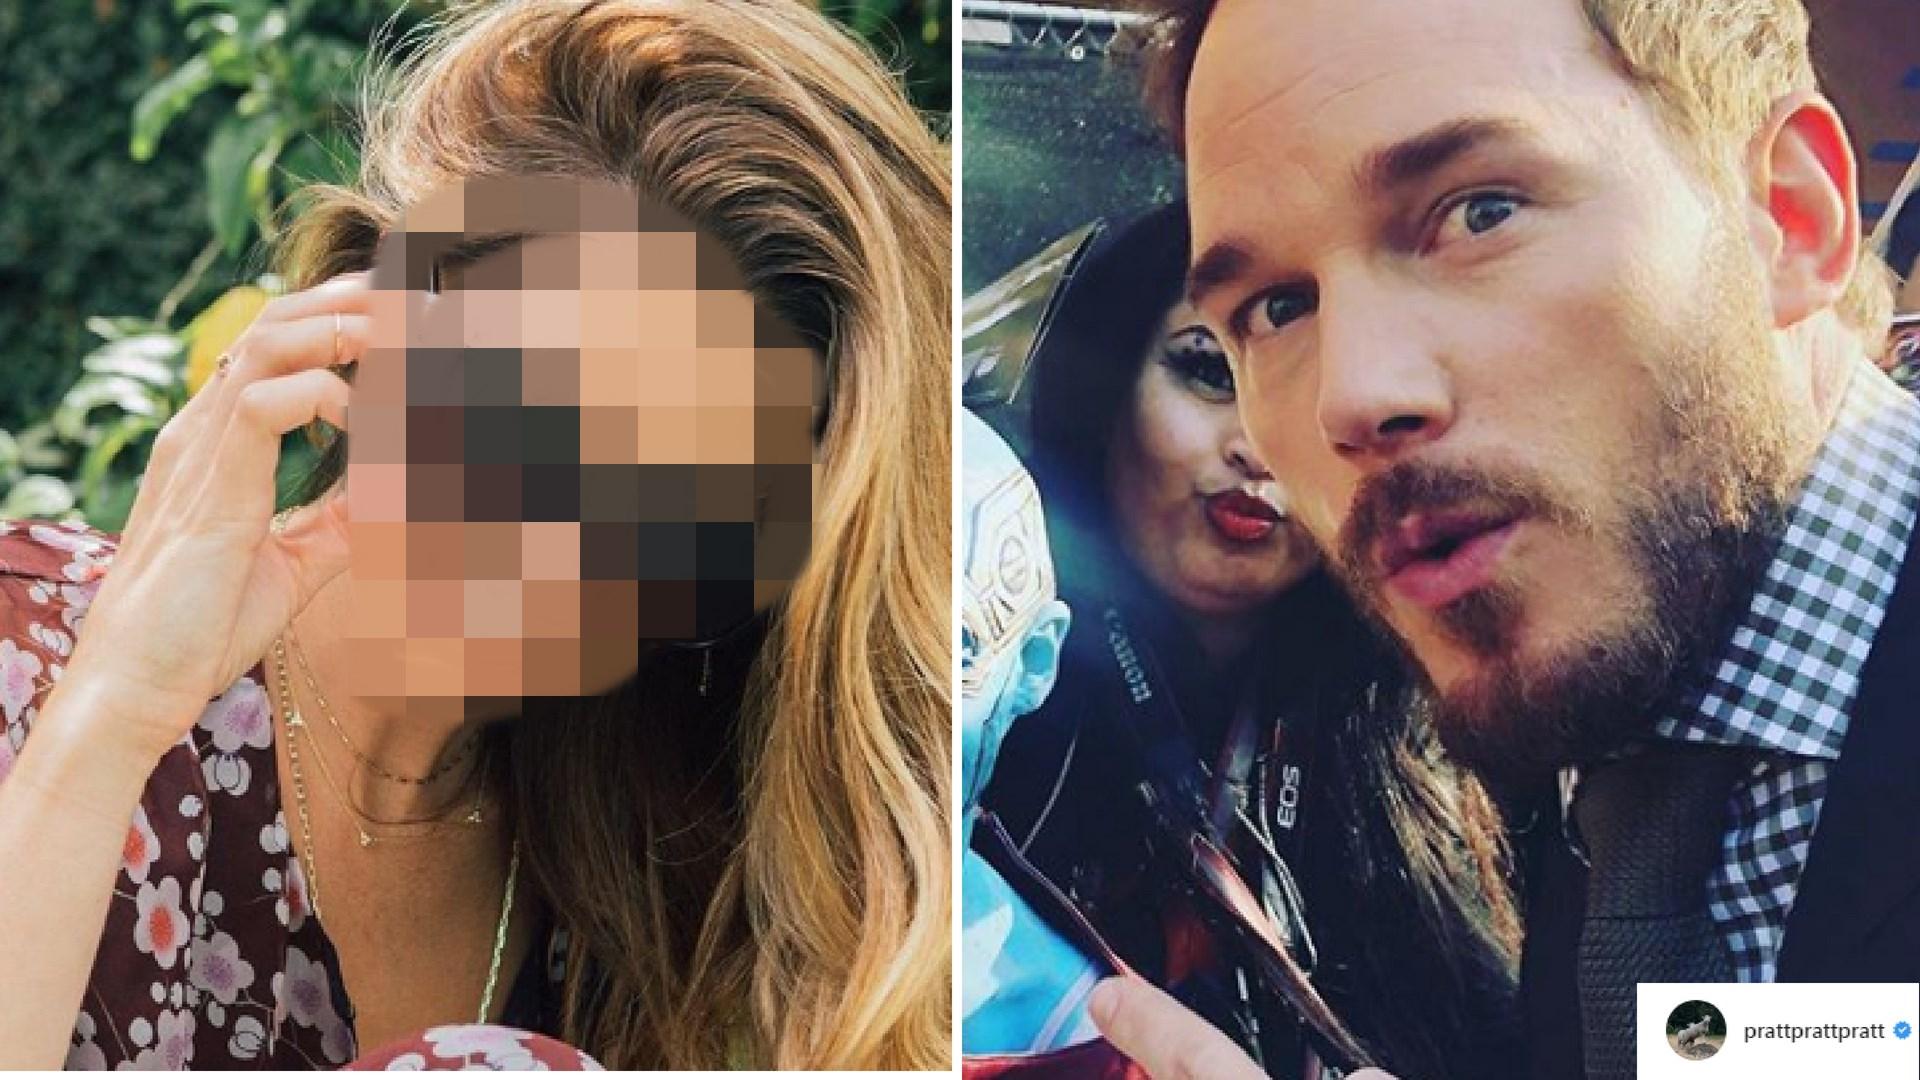 Chris Pratt ma nową dziewczynę. Nie zgadniecie kto to!